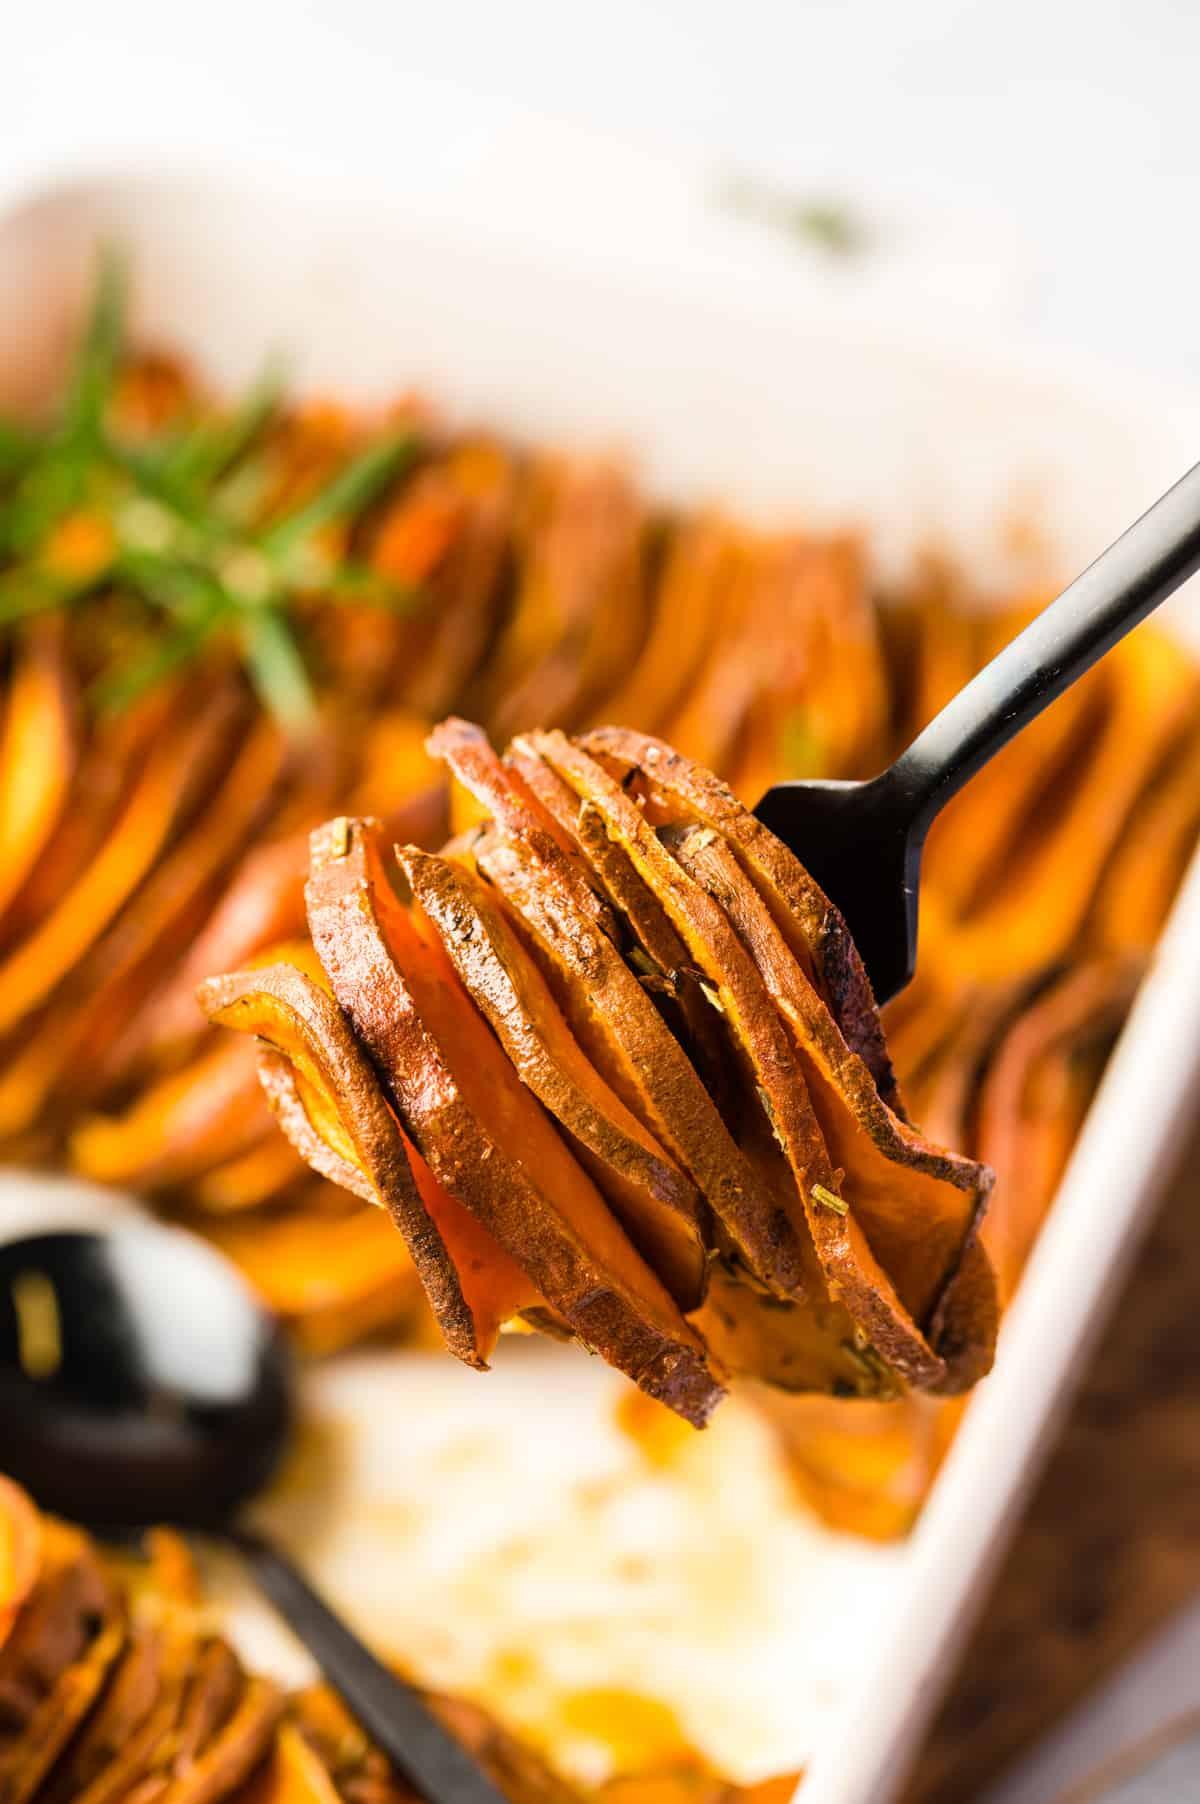 Gebackene Süßkartoffeln auf Löffel in Nahaufnahme